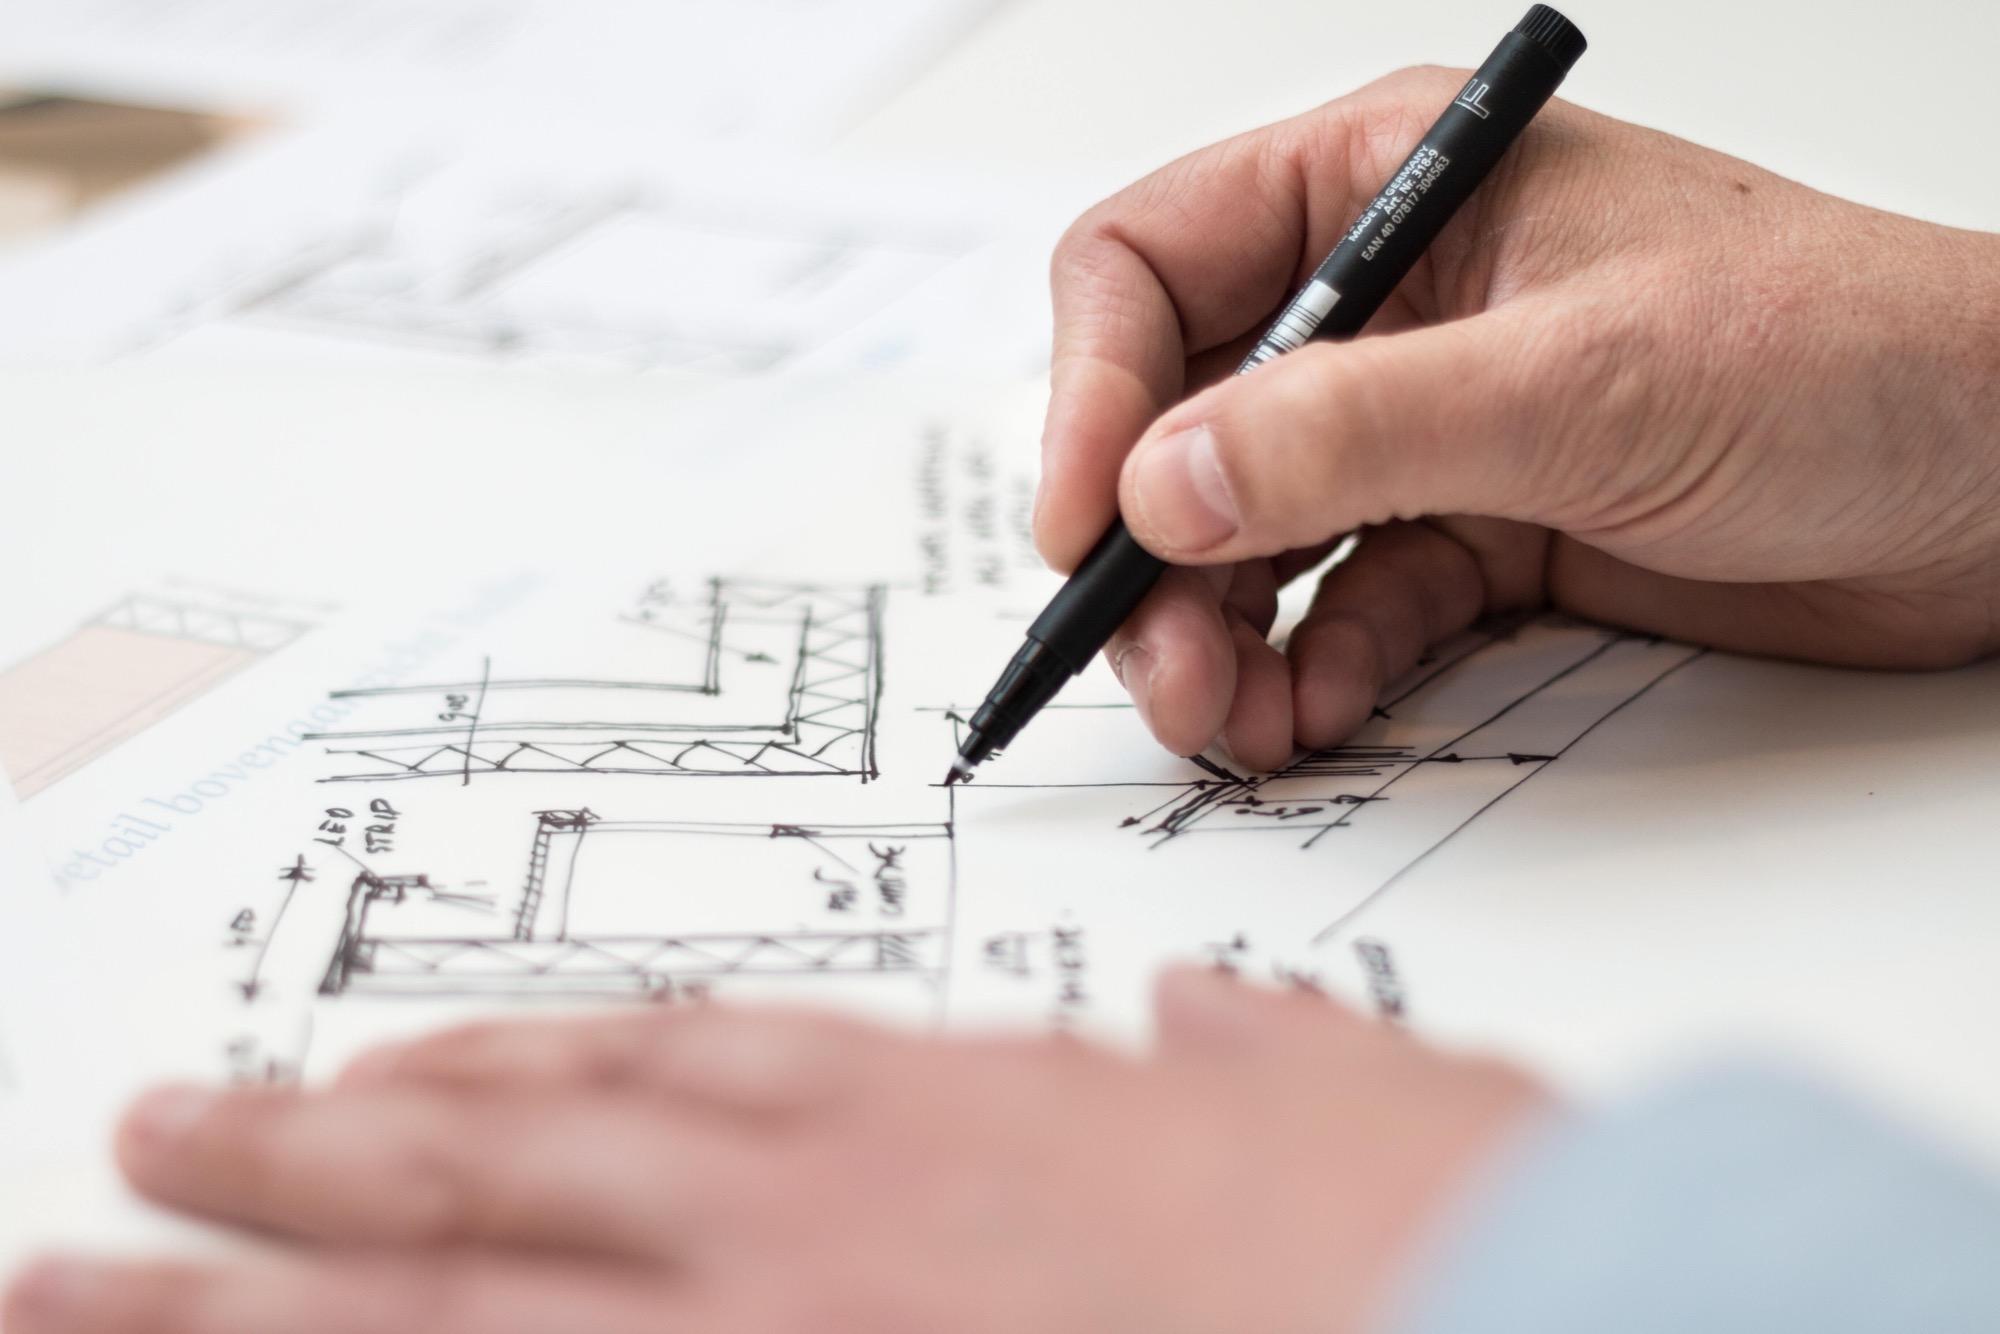 Focus métier : le rôle de l'architecte dans un projet immobilier